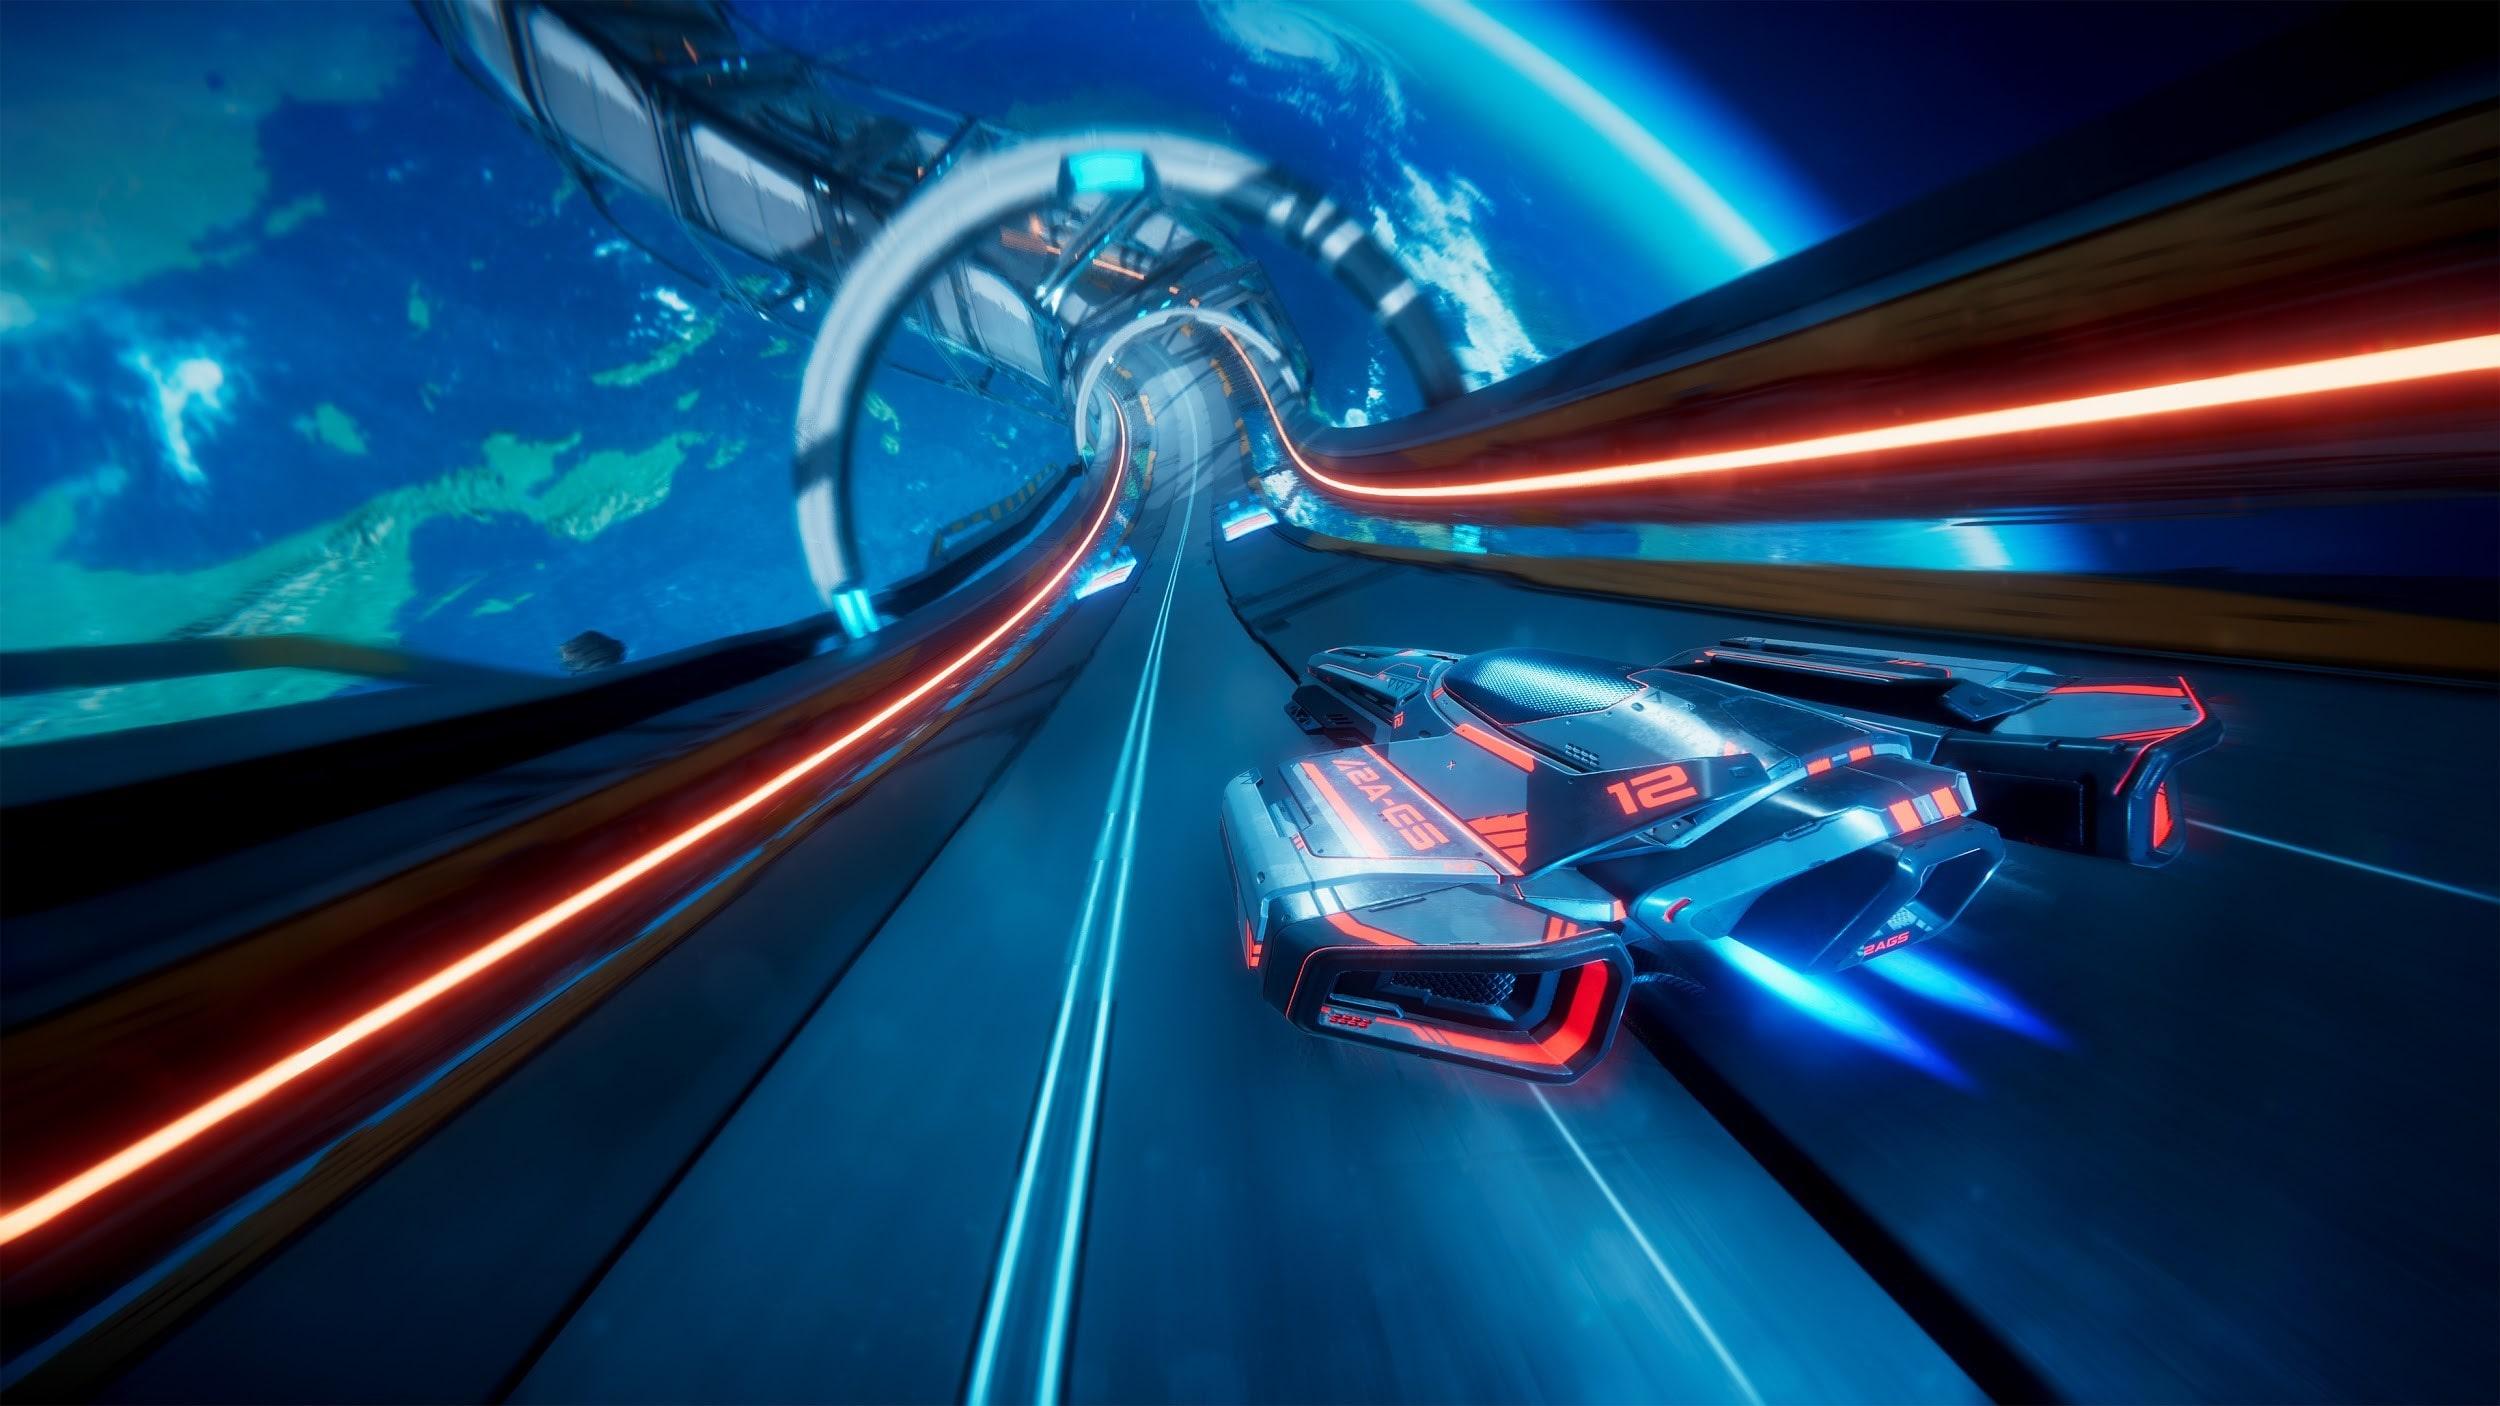 Antigraviator Car Racing Game - Tweaklibrary